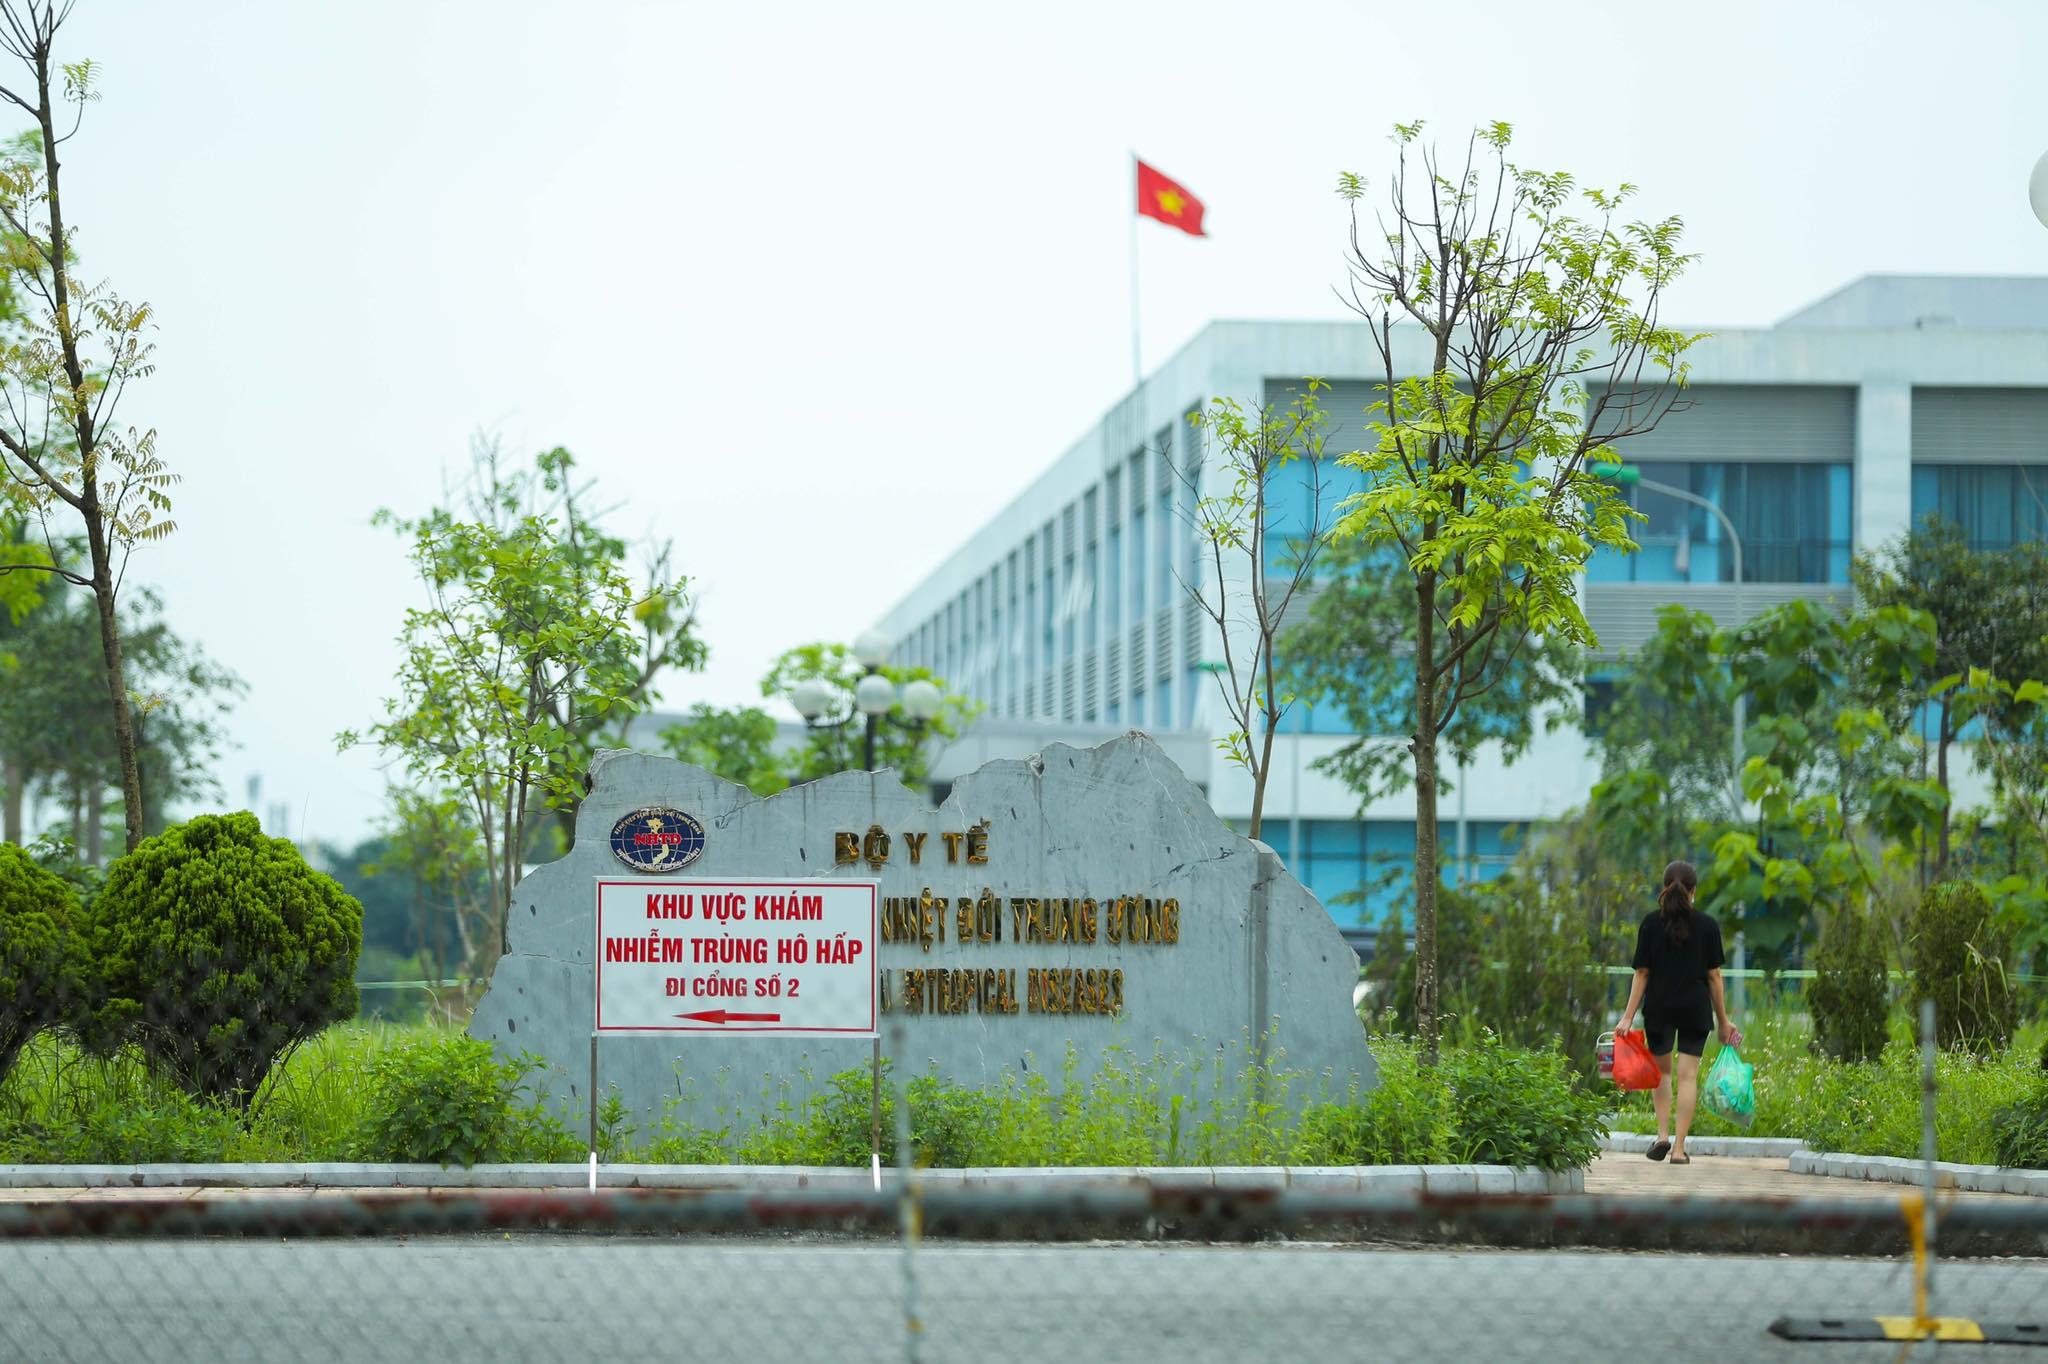 Bệnh viện Bệnh nhiệt đới Trung ương cơ sở Đông Anh đã bị phong tỏa. Ảnh: Anh Hùng.